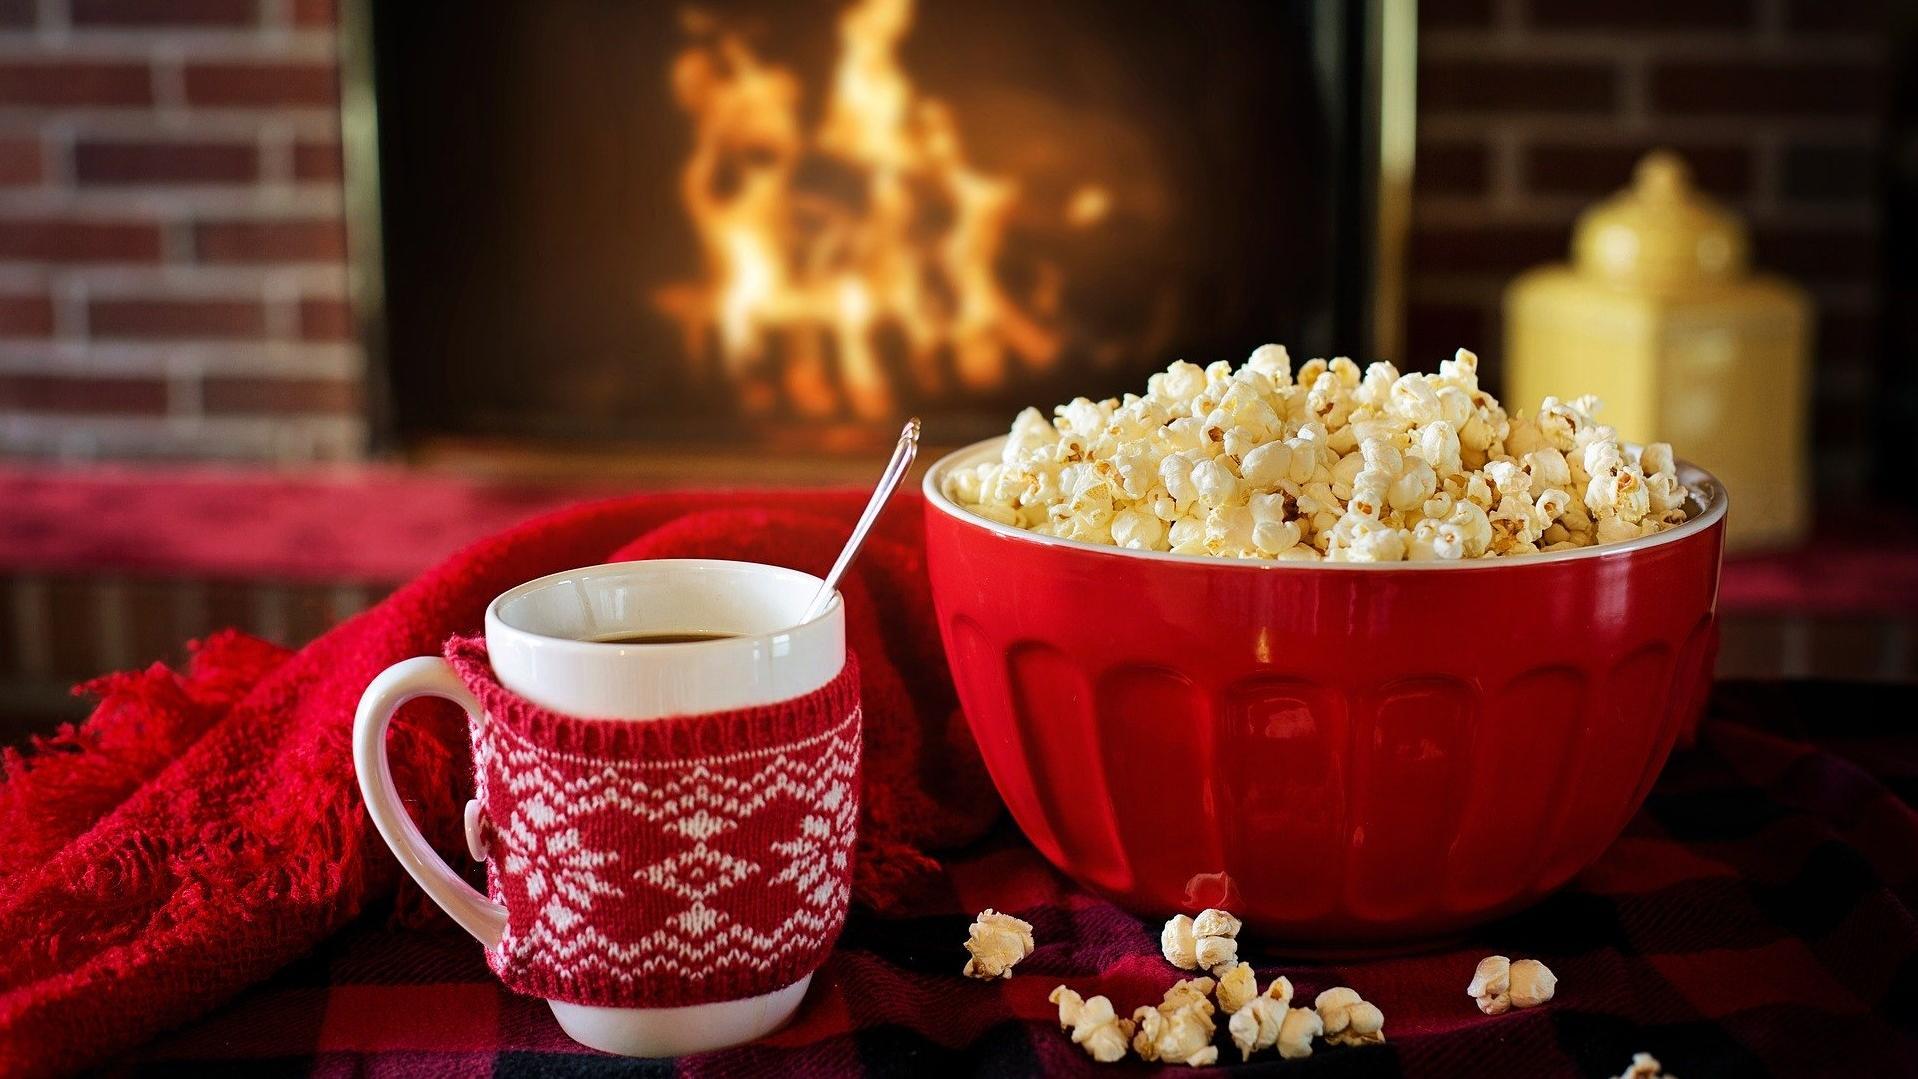 Die besten Weihnachtsfilme: 15 tolle Empfehlungen